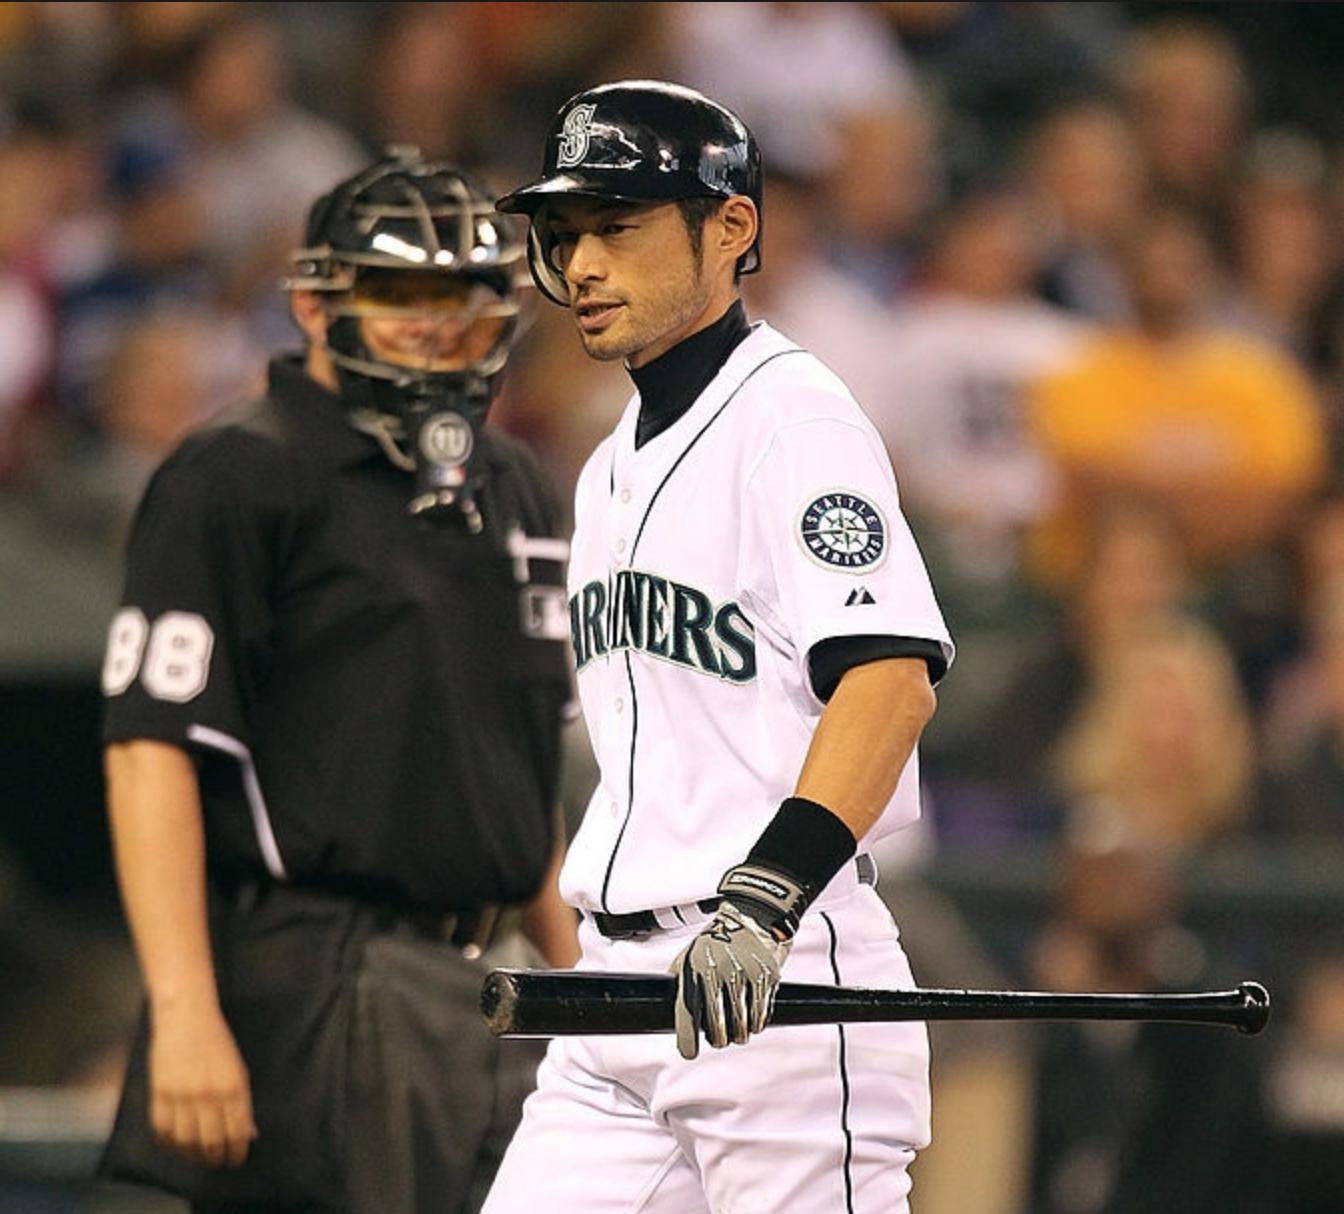 Ichiro walks back to the dugout